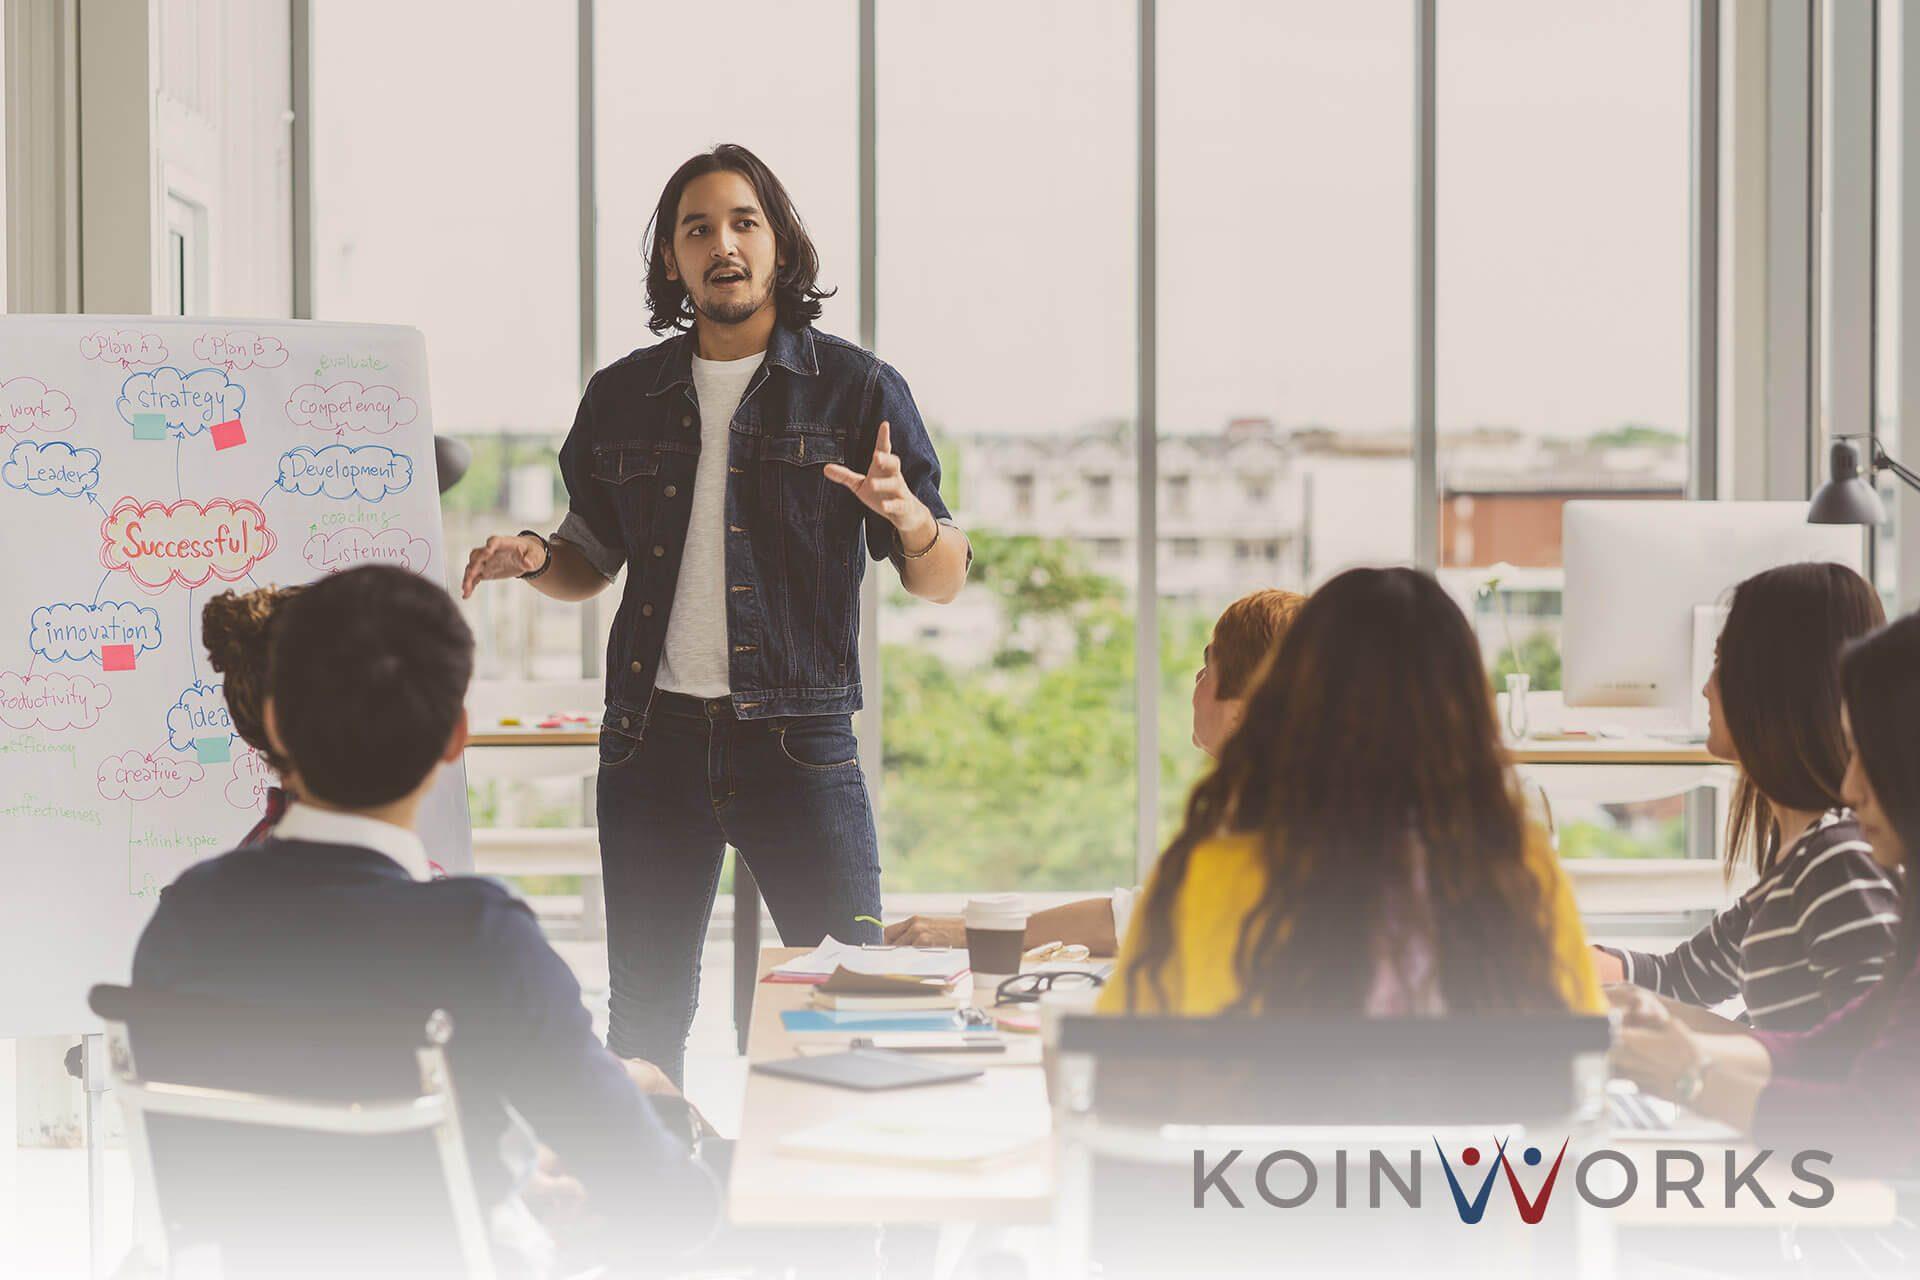 5 Cara Menggunakan Gestur Tangan Saat Sedang Presentasi, Ini Cara Memulainya! (5) - 5 Alasan Introvert Bisa Menjadi Pemimpin Bisnis yang Luar Biasa - berteman dengan kompetitor